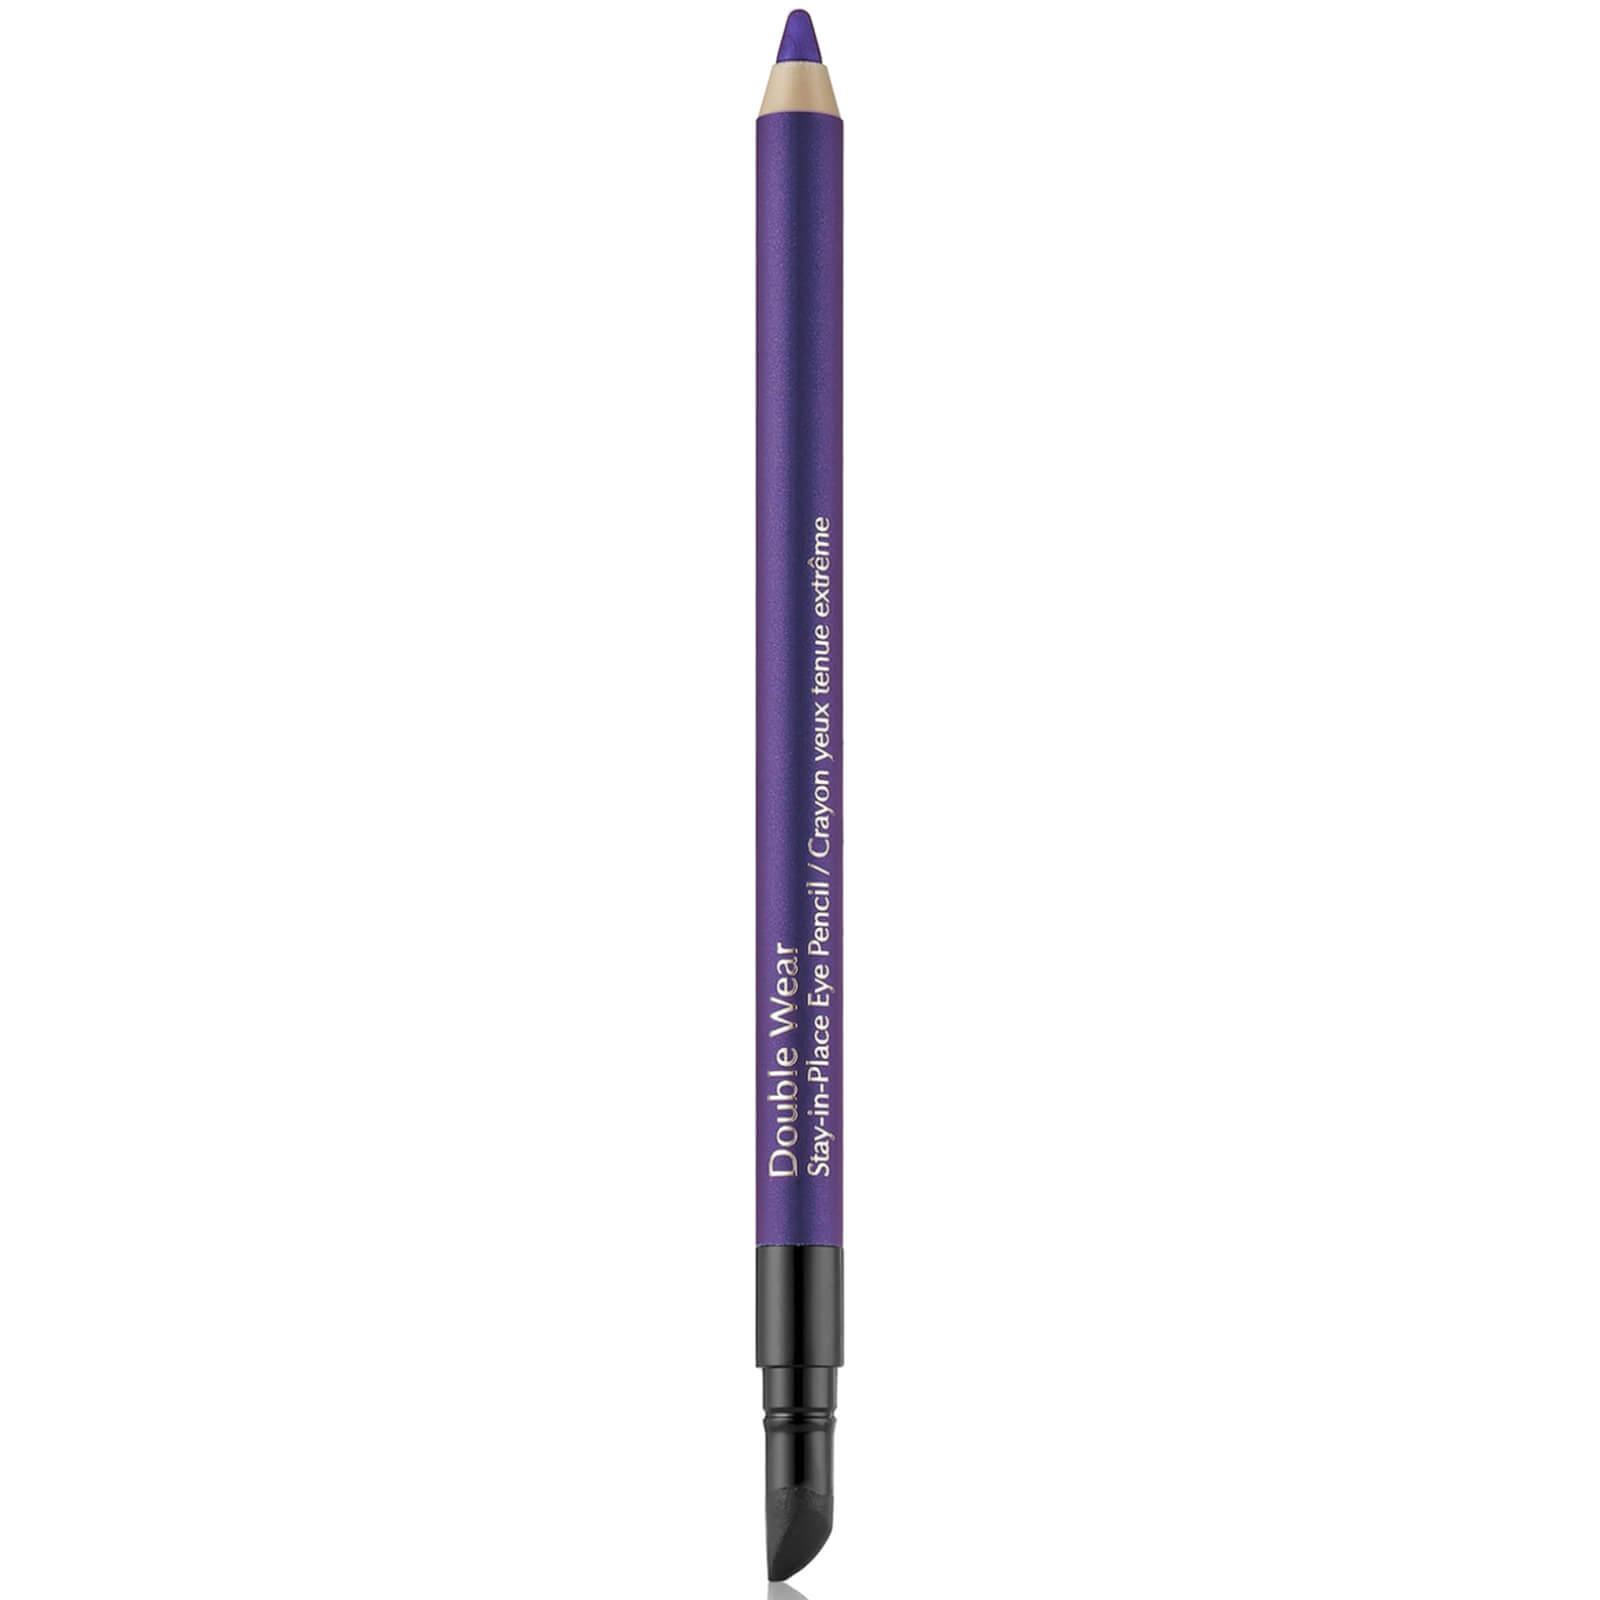 Estée Lauder Crayon Yeux Tenue Extrême Double Wear Estée Lauder 1,2g - Night Violet